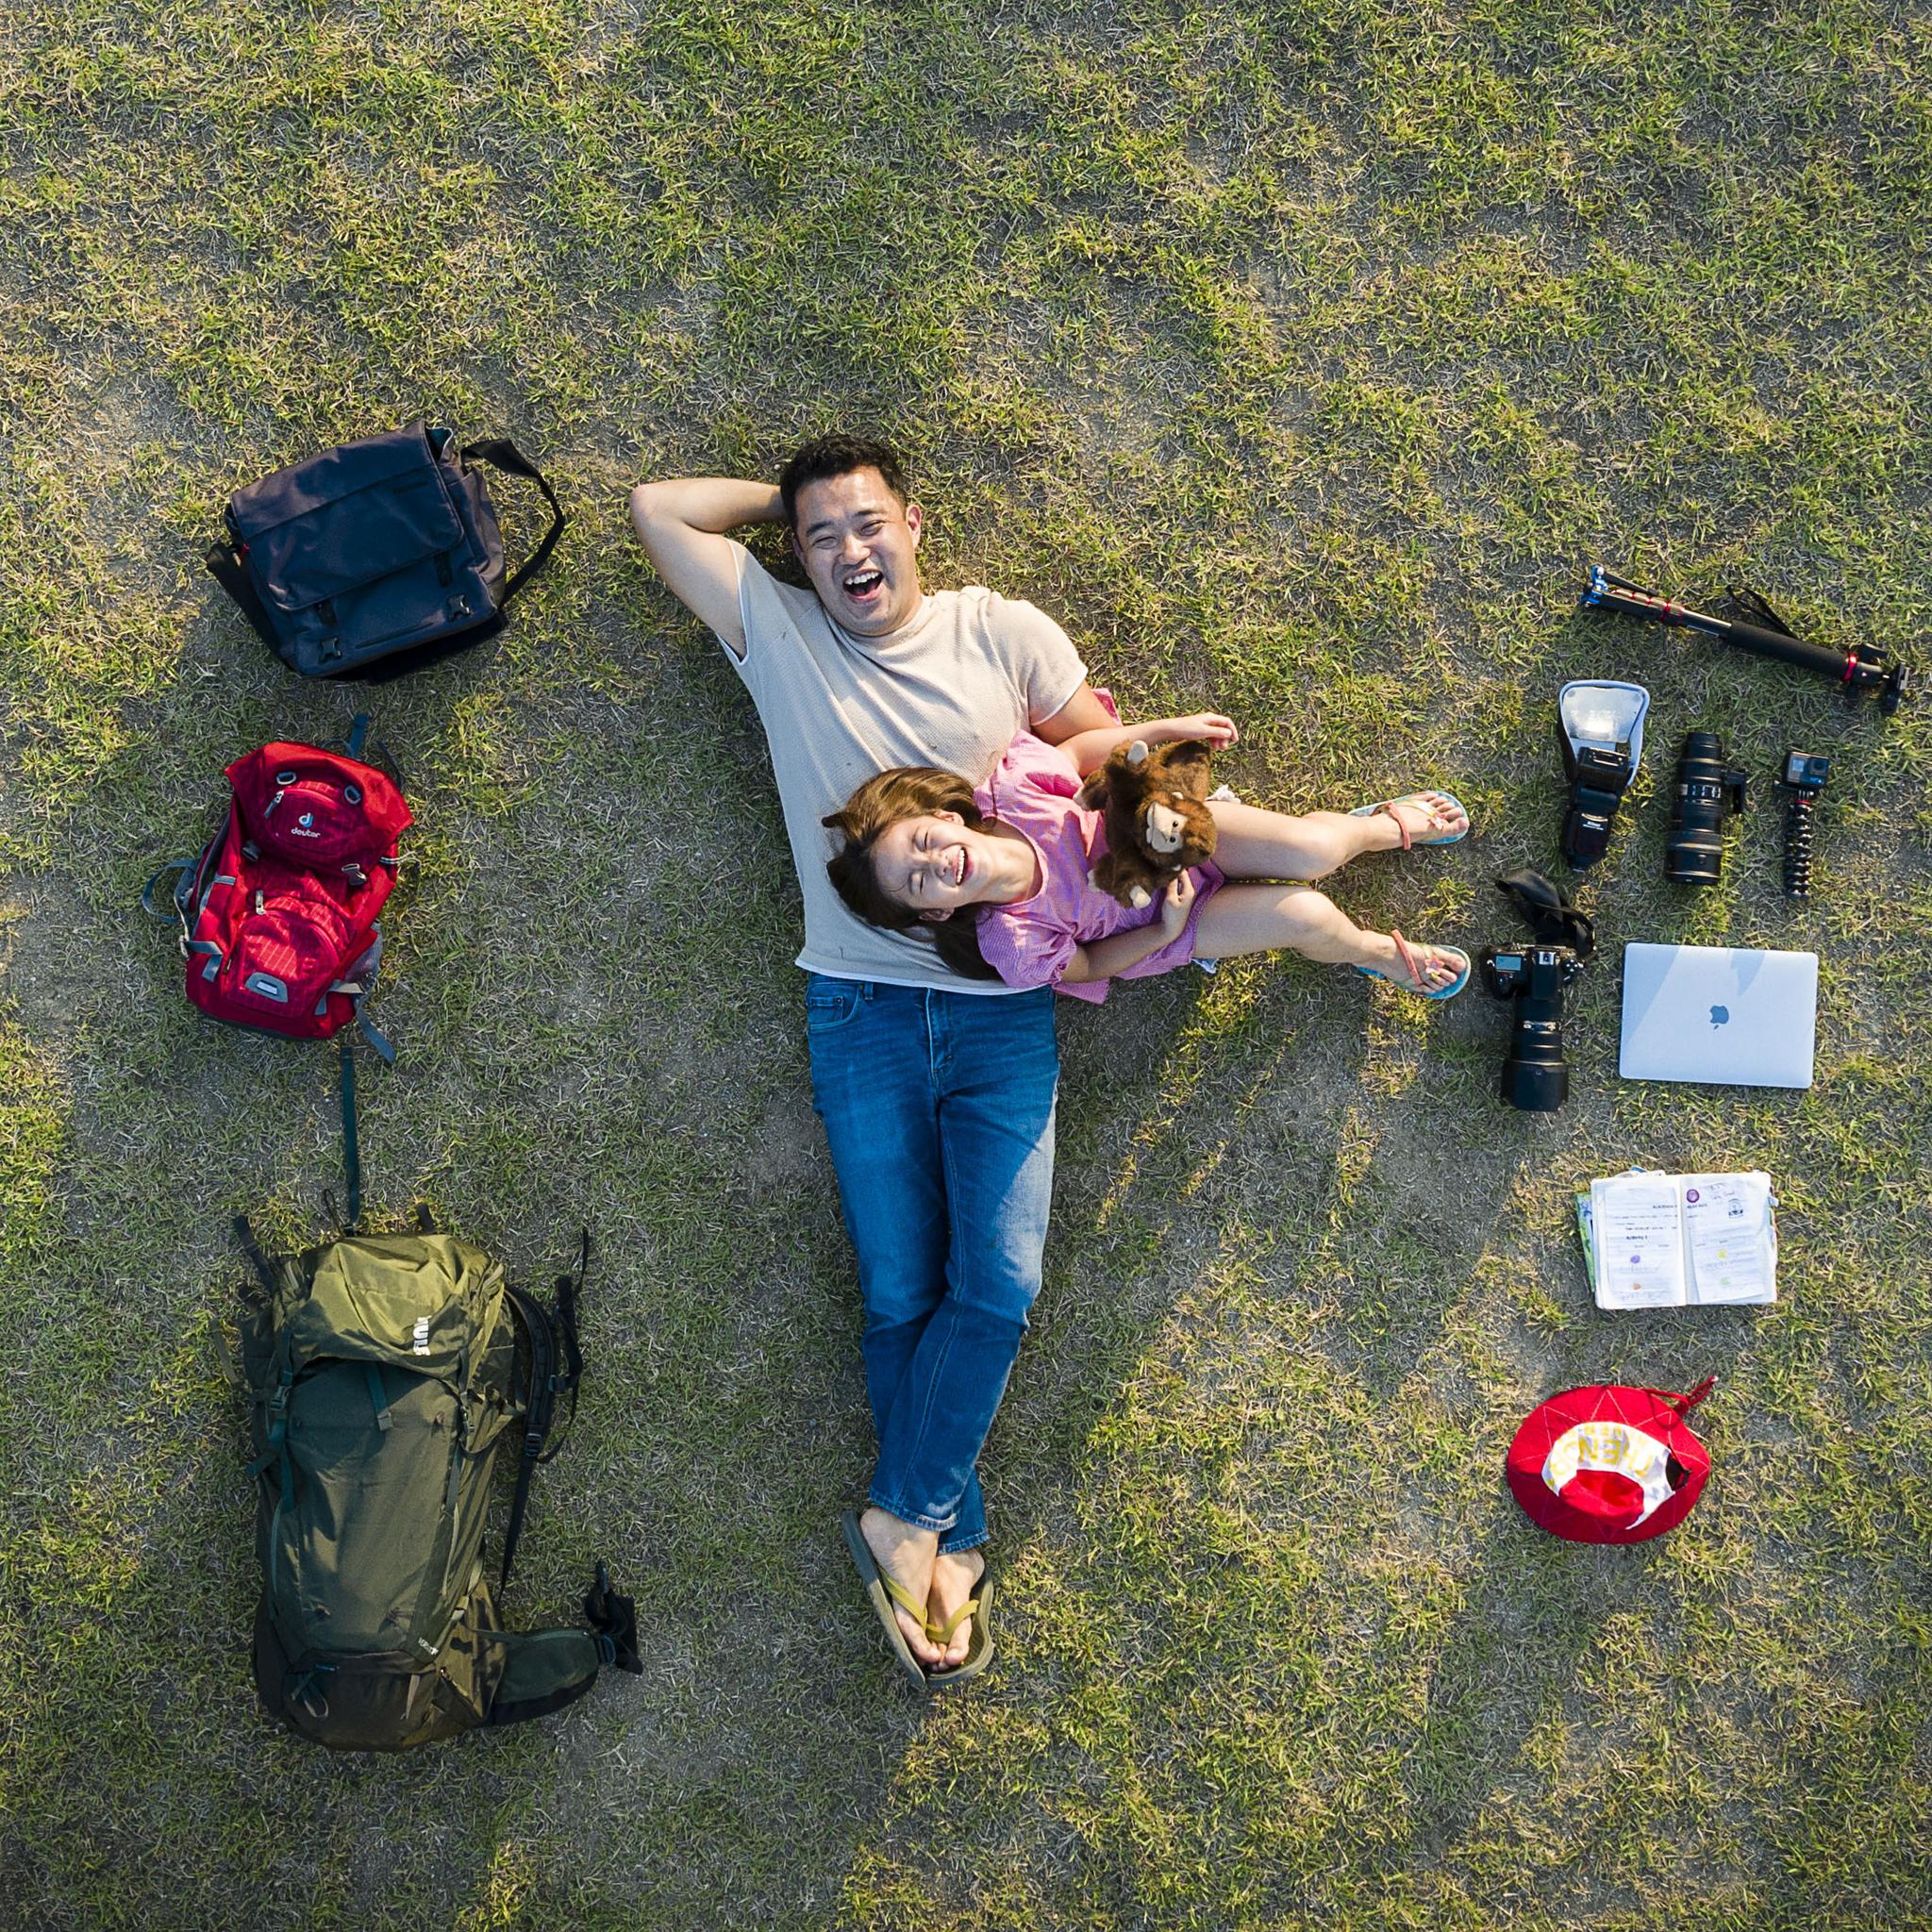 """아빠 이재용씨와 딸 서윤이는 192일간 세계여행을 다녀왔다. 엄마 없이 하는 첫 번째 여행이었다. 이씨는 이번 여행에 대해 """"세상에서 가장 잘한 일""""이라고 말했다. 아빠와 딸이 집근처 잔디밭에 누웠다. 왼쪽에는 여행 당시 사용한 가방이, 오른쪽에는 특별한 순간을 남기기 위한 카메라 장비들이 놓였다. 장진영 기자"""